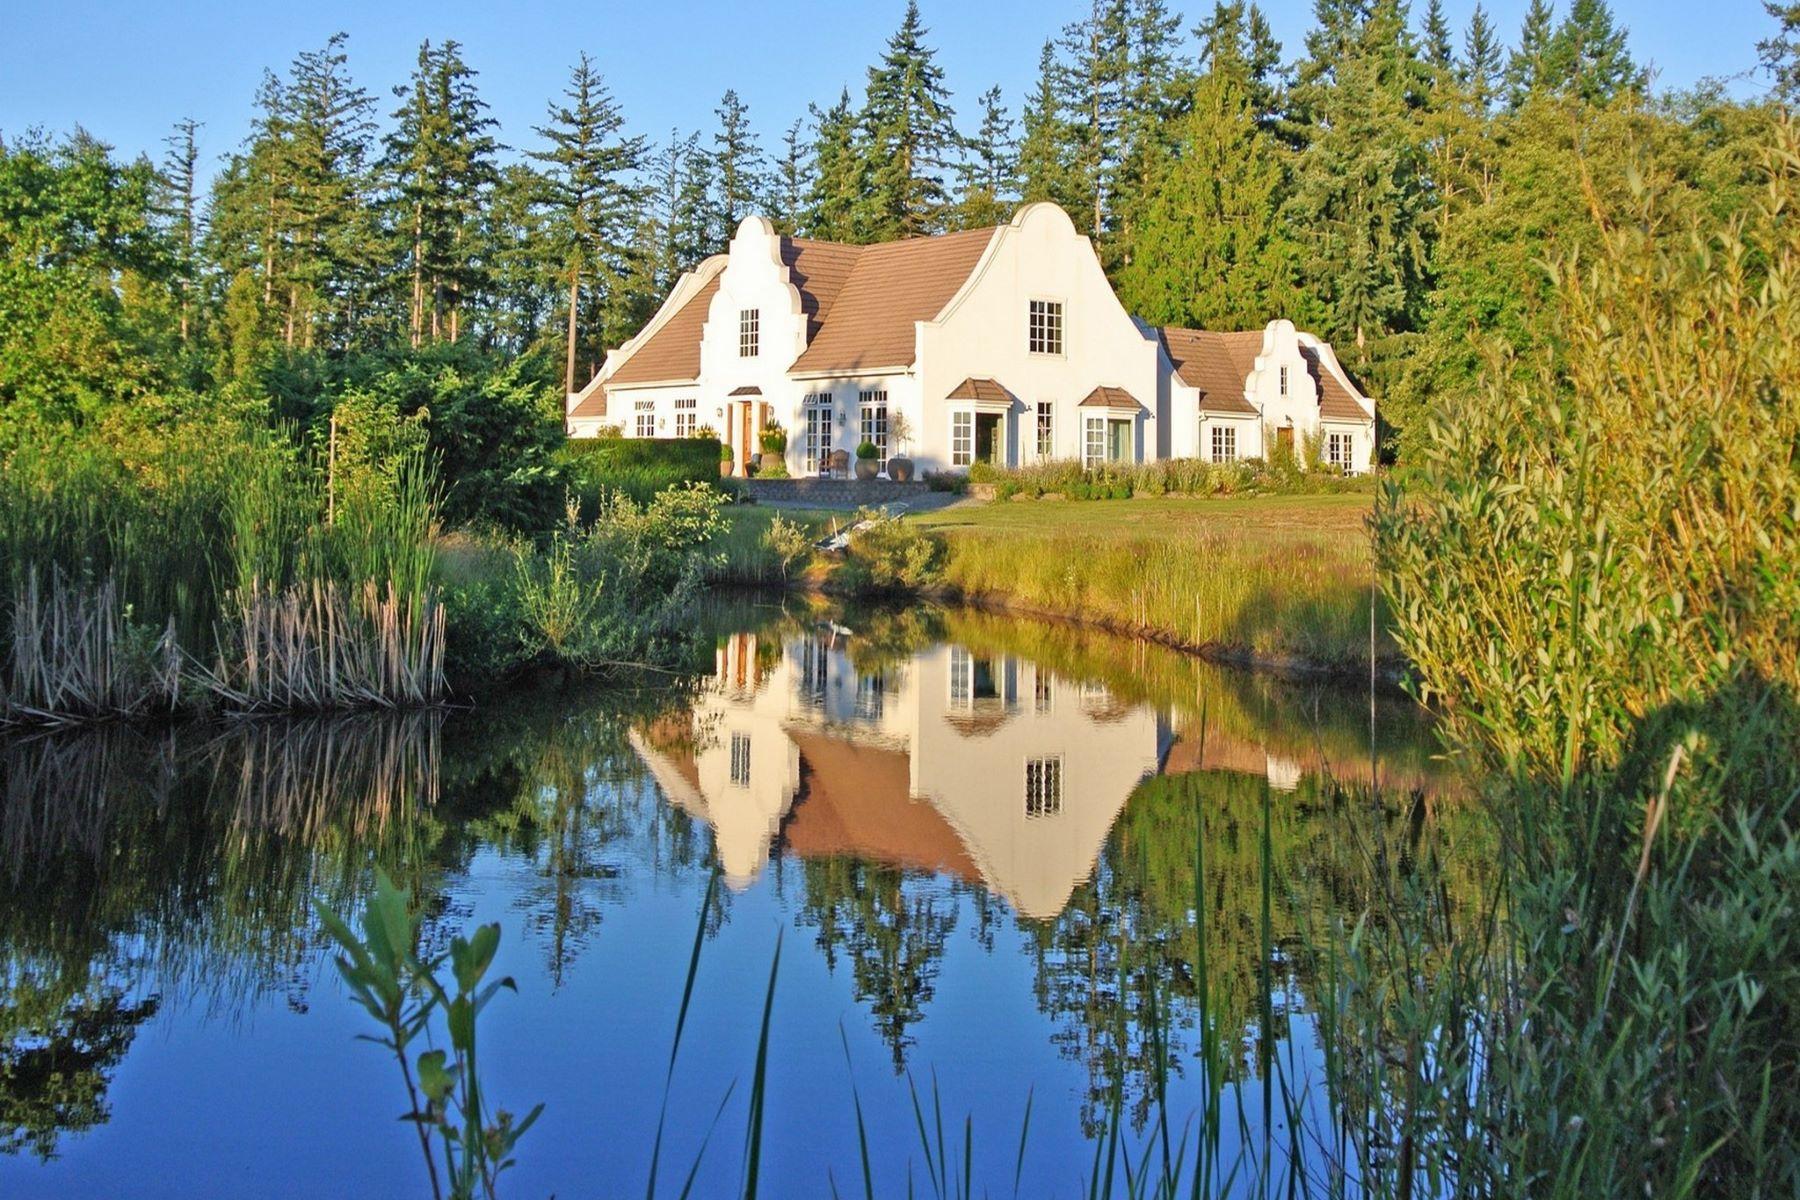 Casa Unifamiliar por un Venta en Cape Dutch Masterpiece 14365 Leslie Lane Mount Vernon, Washington 98273 Estados Unidos